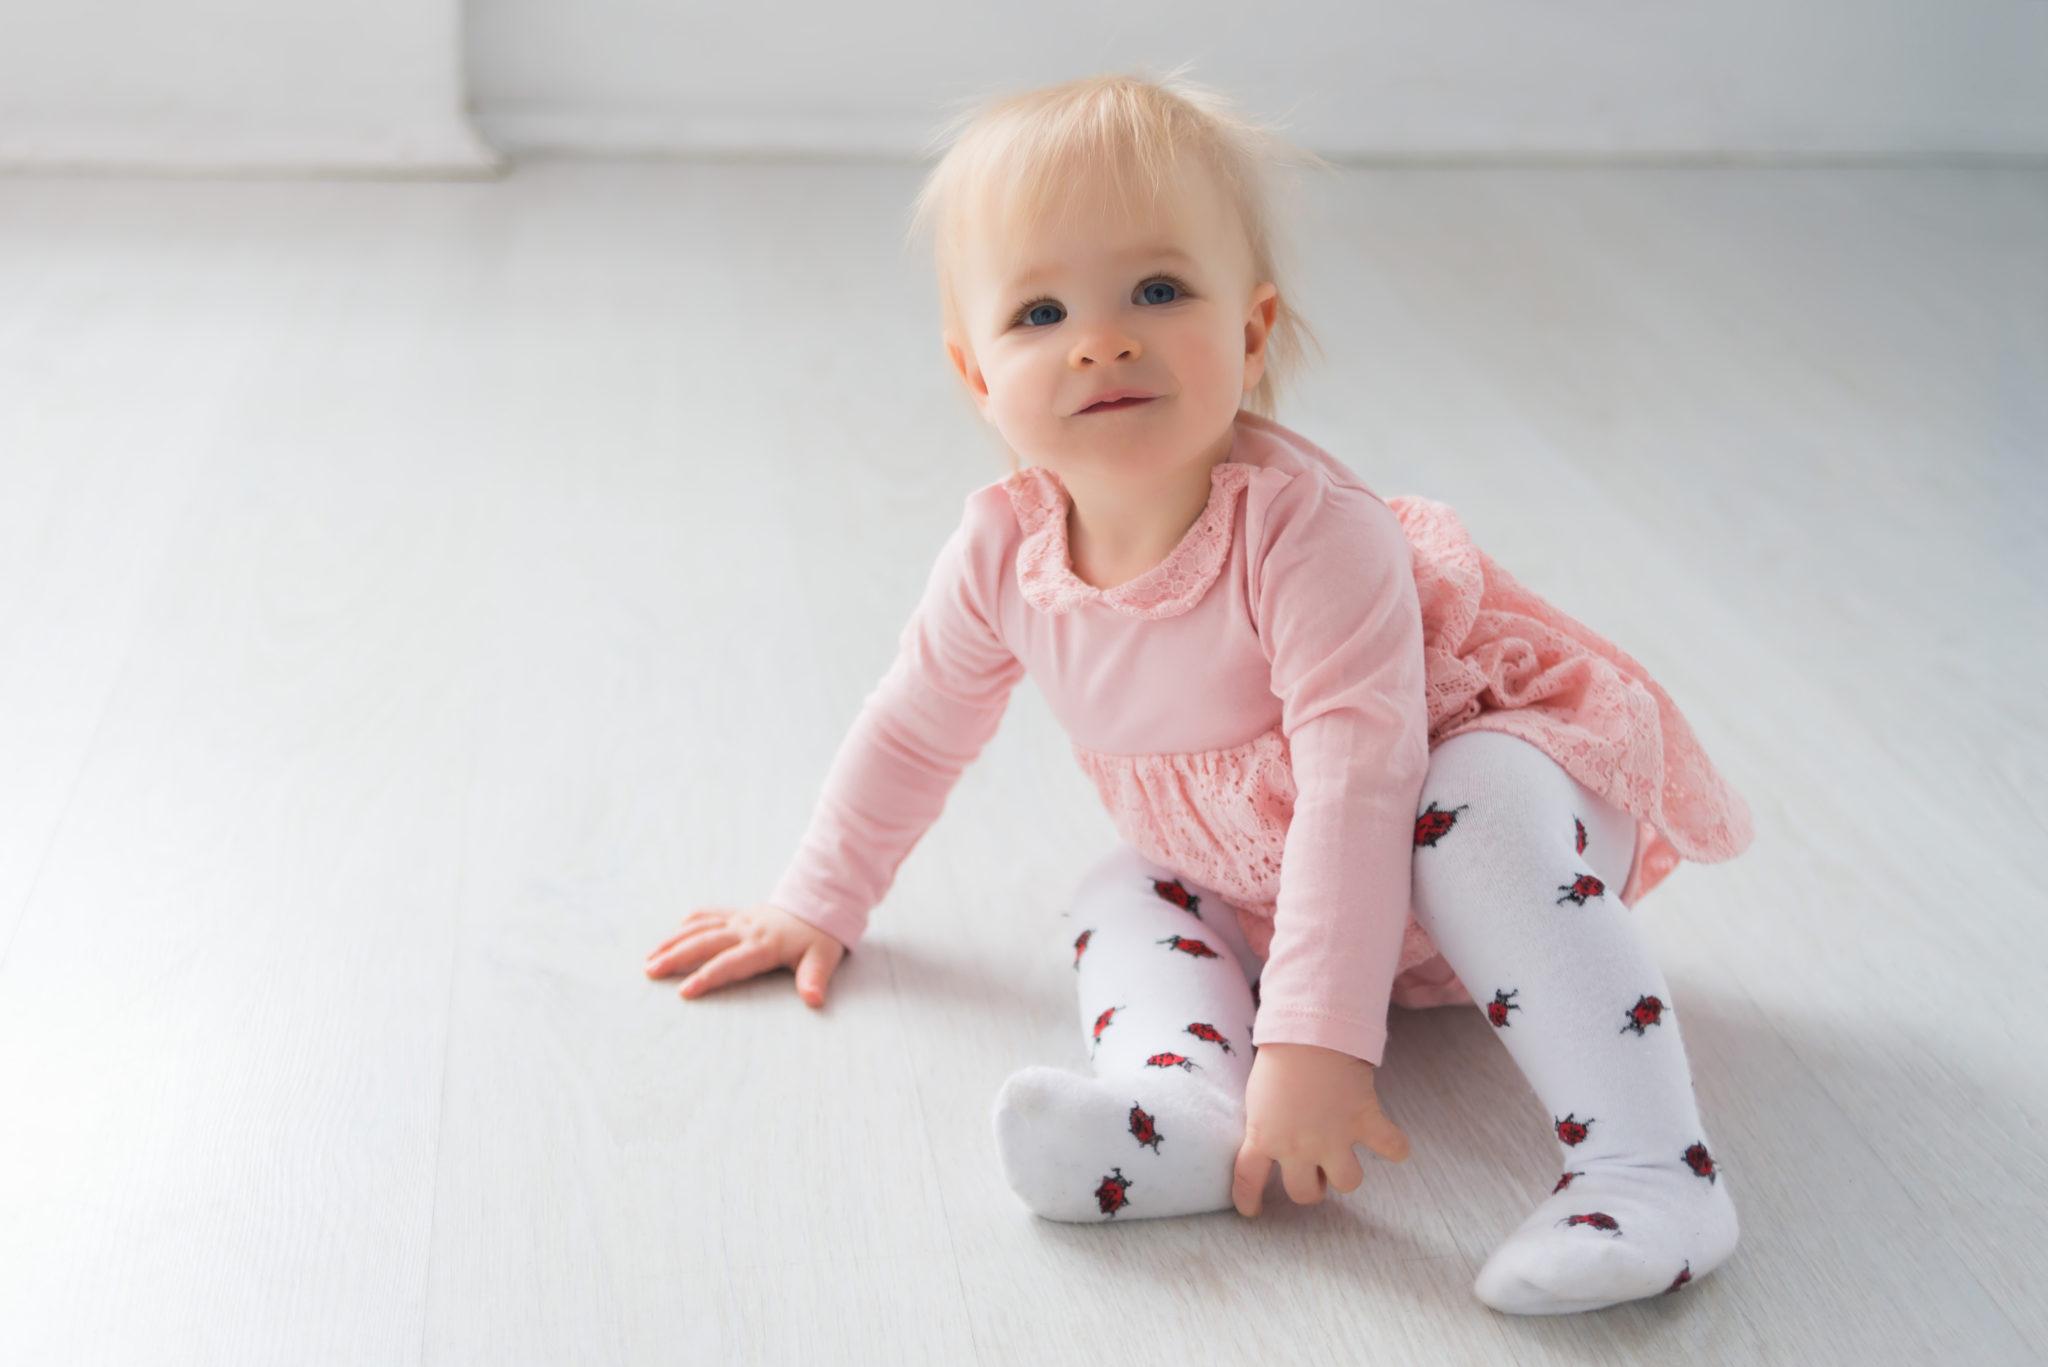 Детская фотосессия, ребенок смотрит на фотографа сидя на полу